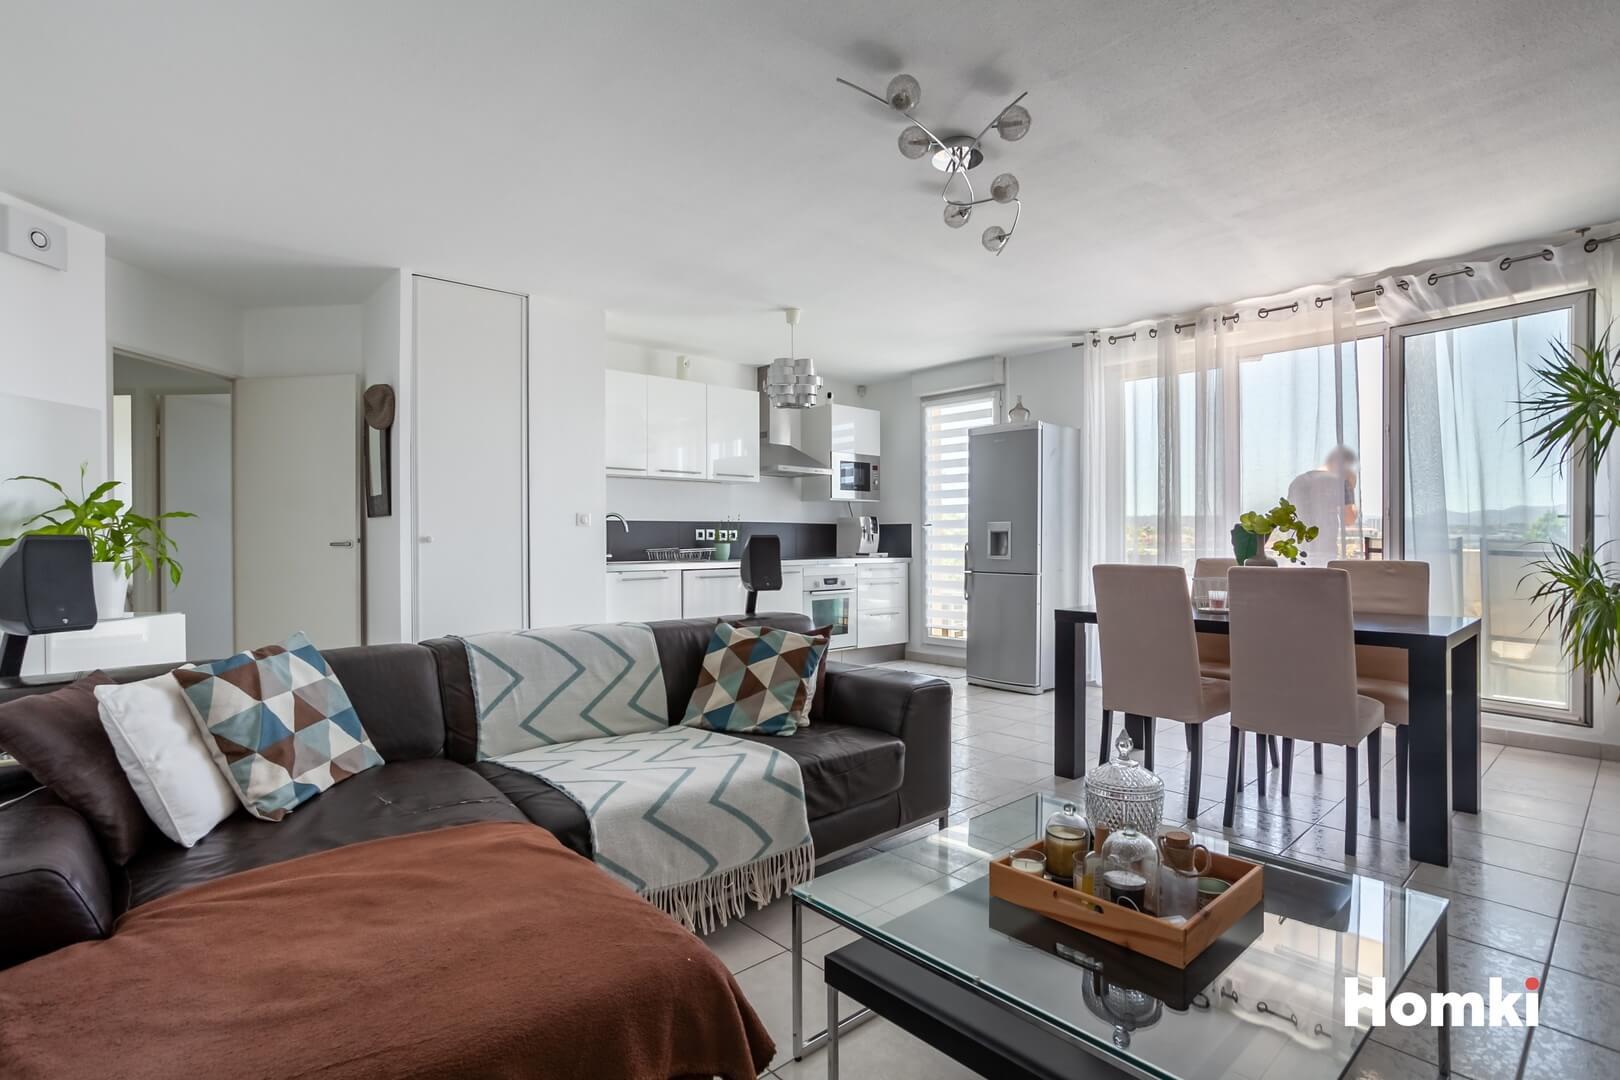 Homki - Vente Appartement  de 63.0 m² à Marseille 13015